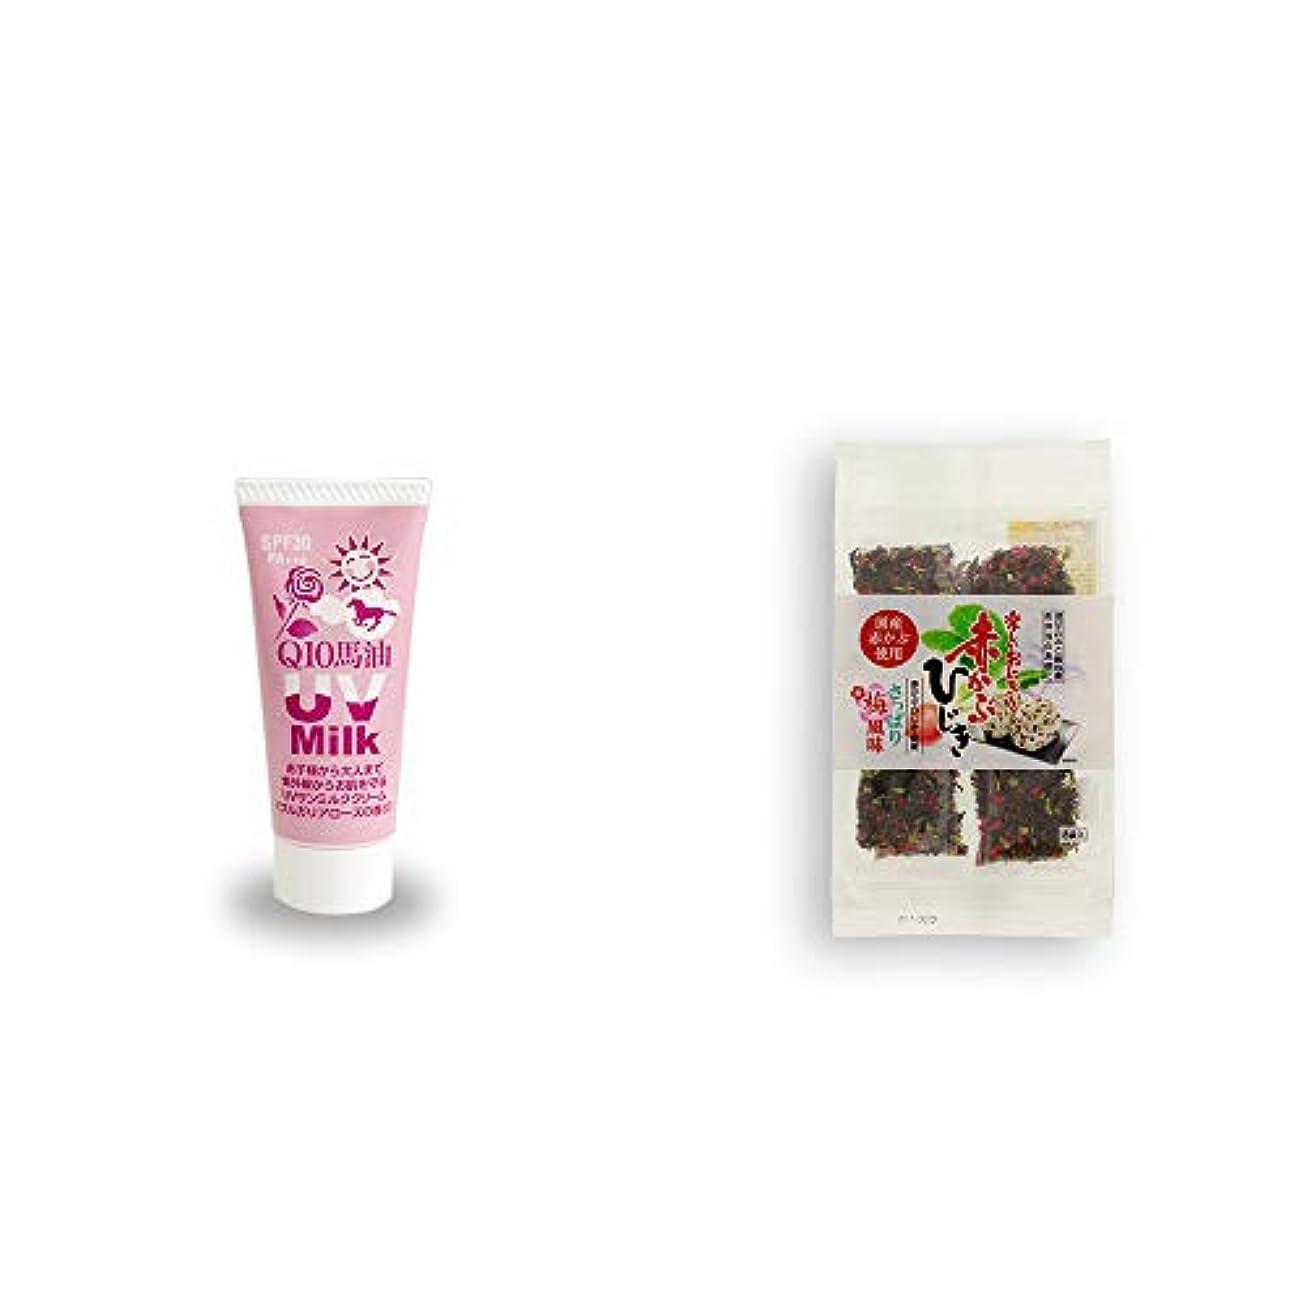 息子レンジ溶融[2点セット] 炭黒泉 Q10馬油 UVサンミルク[ブルガリアローズ](40g)?楽しいおにぎり 赤かぶひじき(8g×8袋)